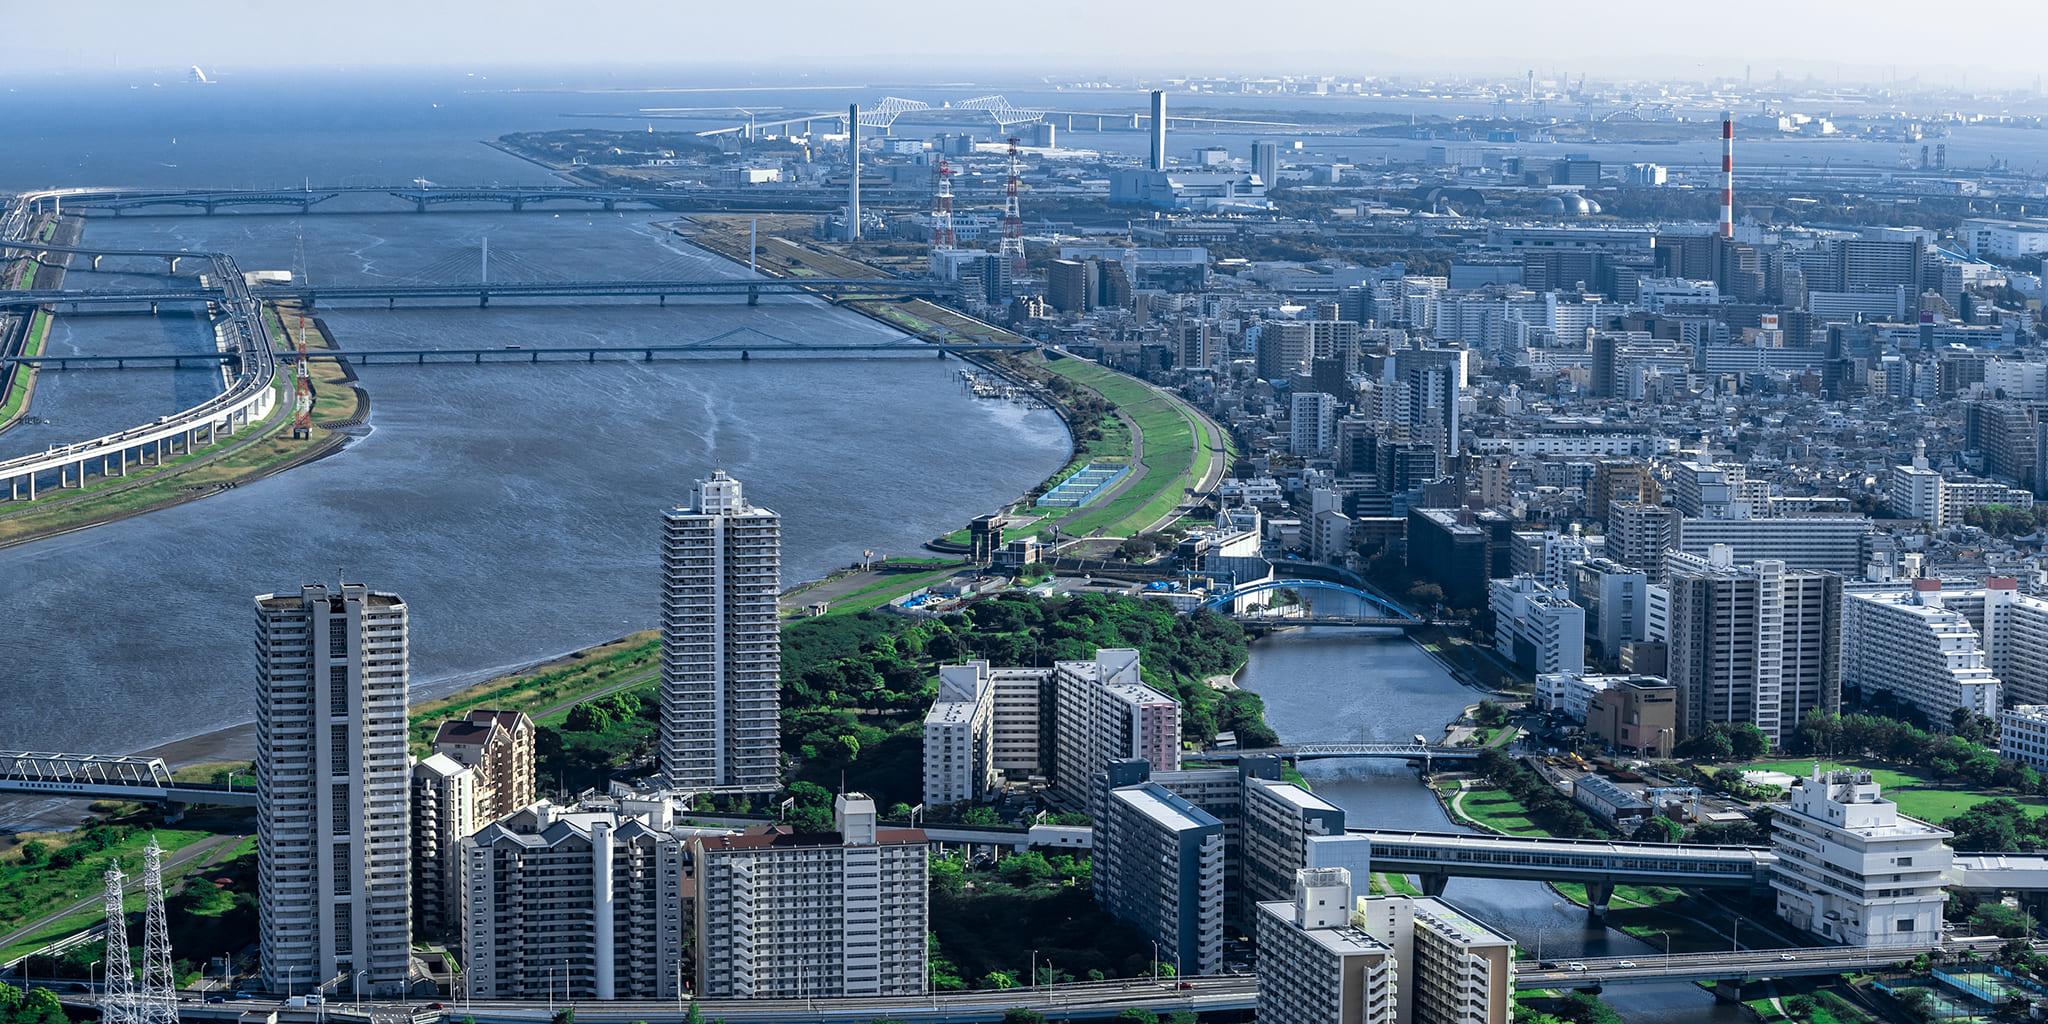 ヘリコプターで東京上空をフライトして見える荒川